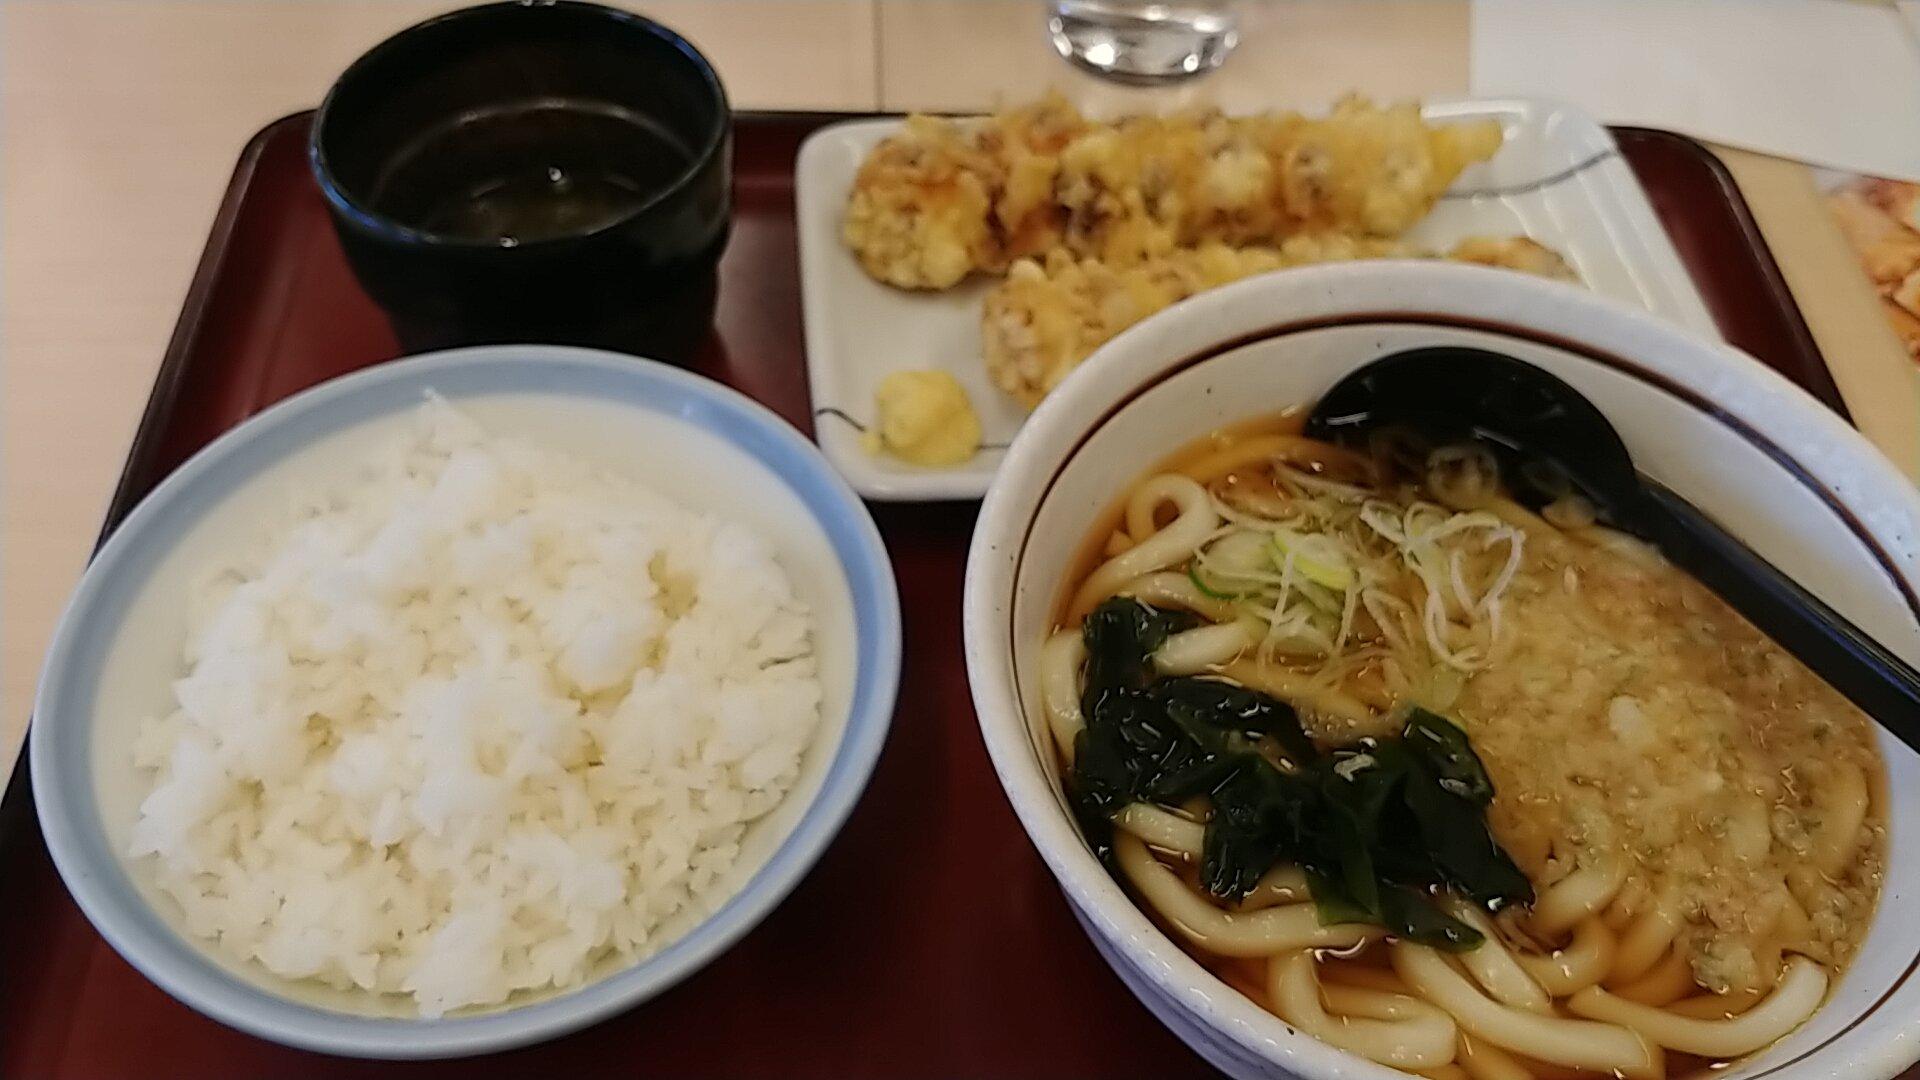 【画像】昼休みワイ、山田うどんで優雅な昼食wwwnwwwnwww